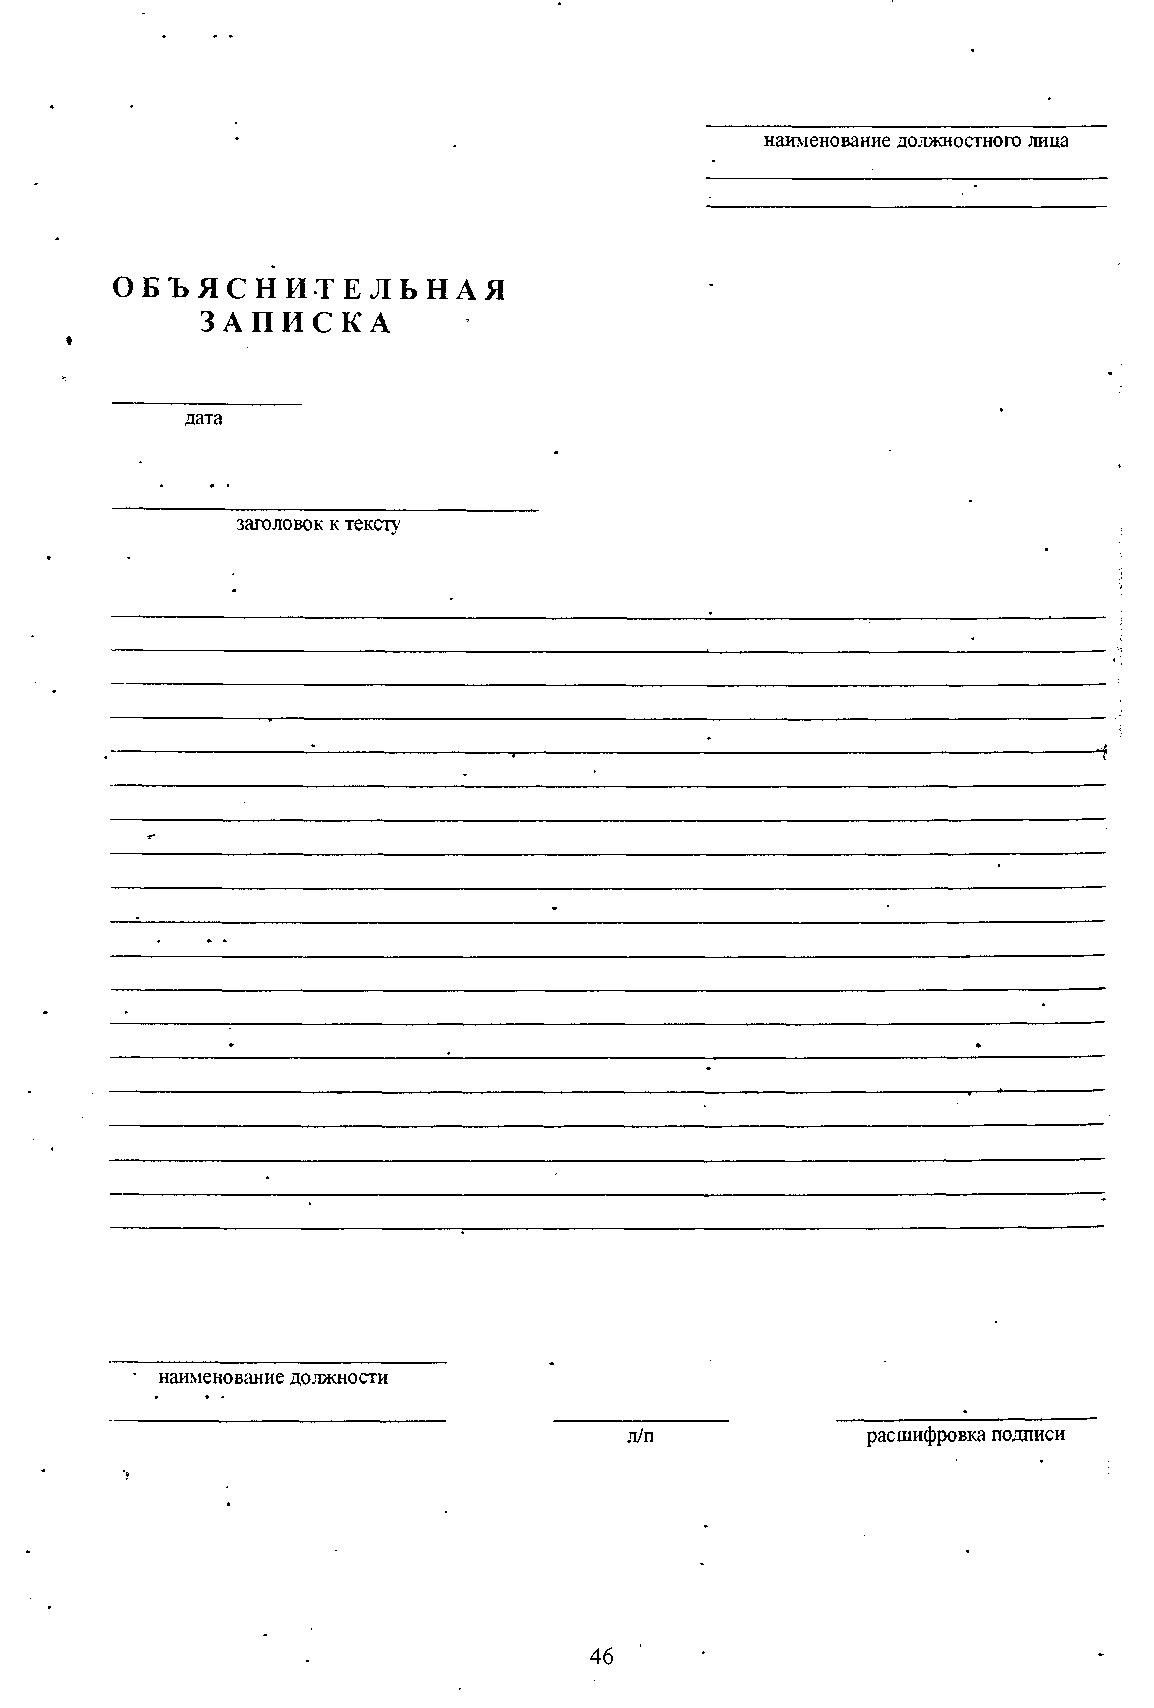 бланк приказа гост р6.30-2003